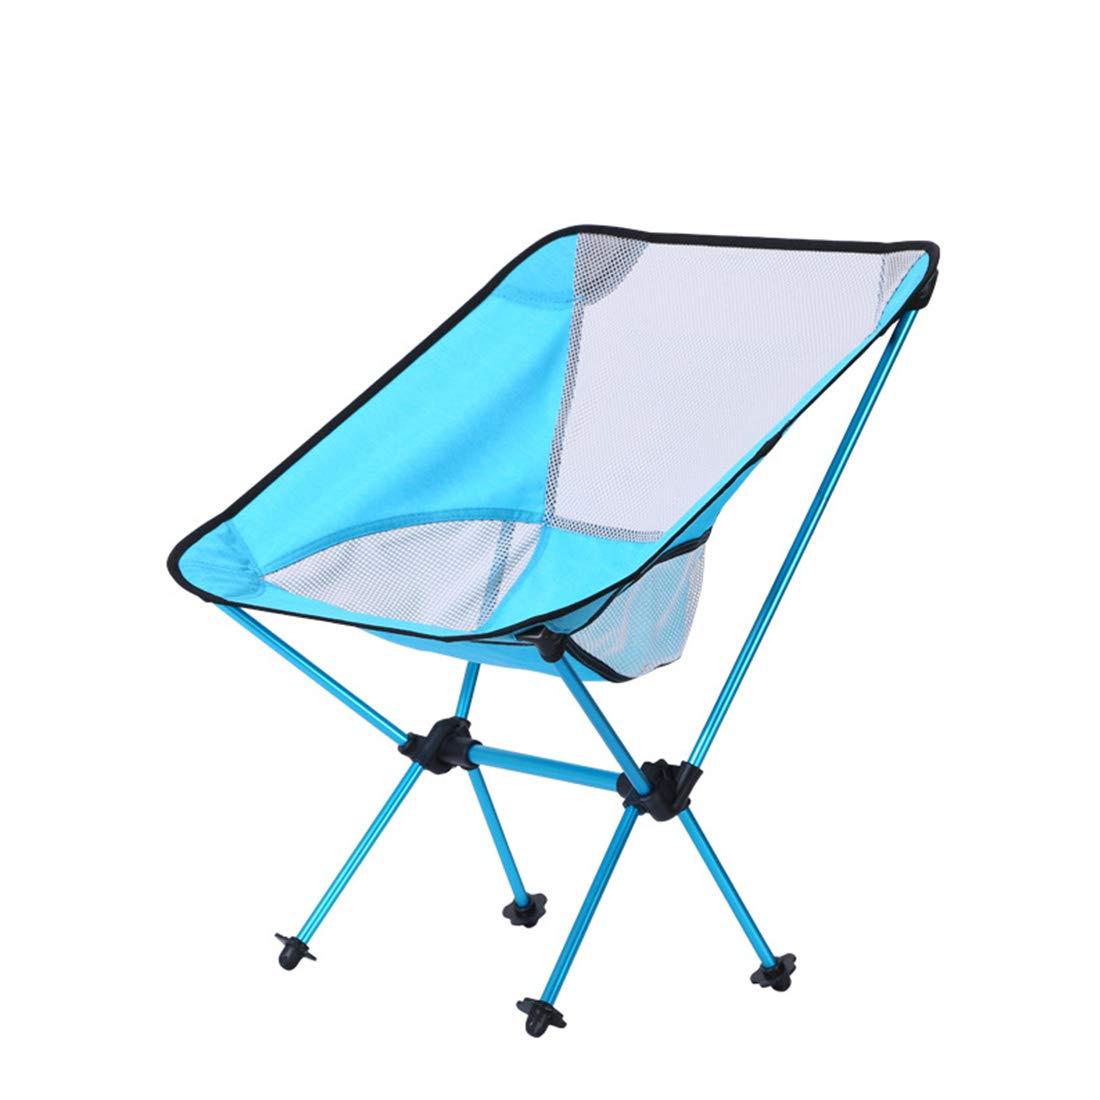 FUBULECY Gartenstuhl Klappstuhl Moon Stuhl Mobiler Stuhl Freizeitstuhl Ultraleicht Praktisch zum Tragen